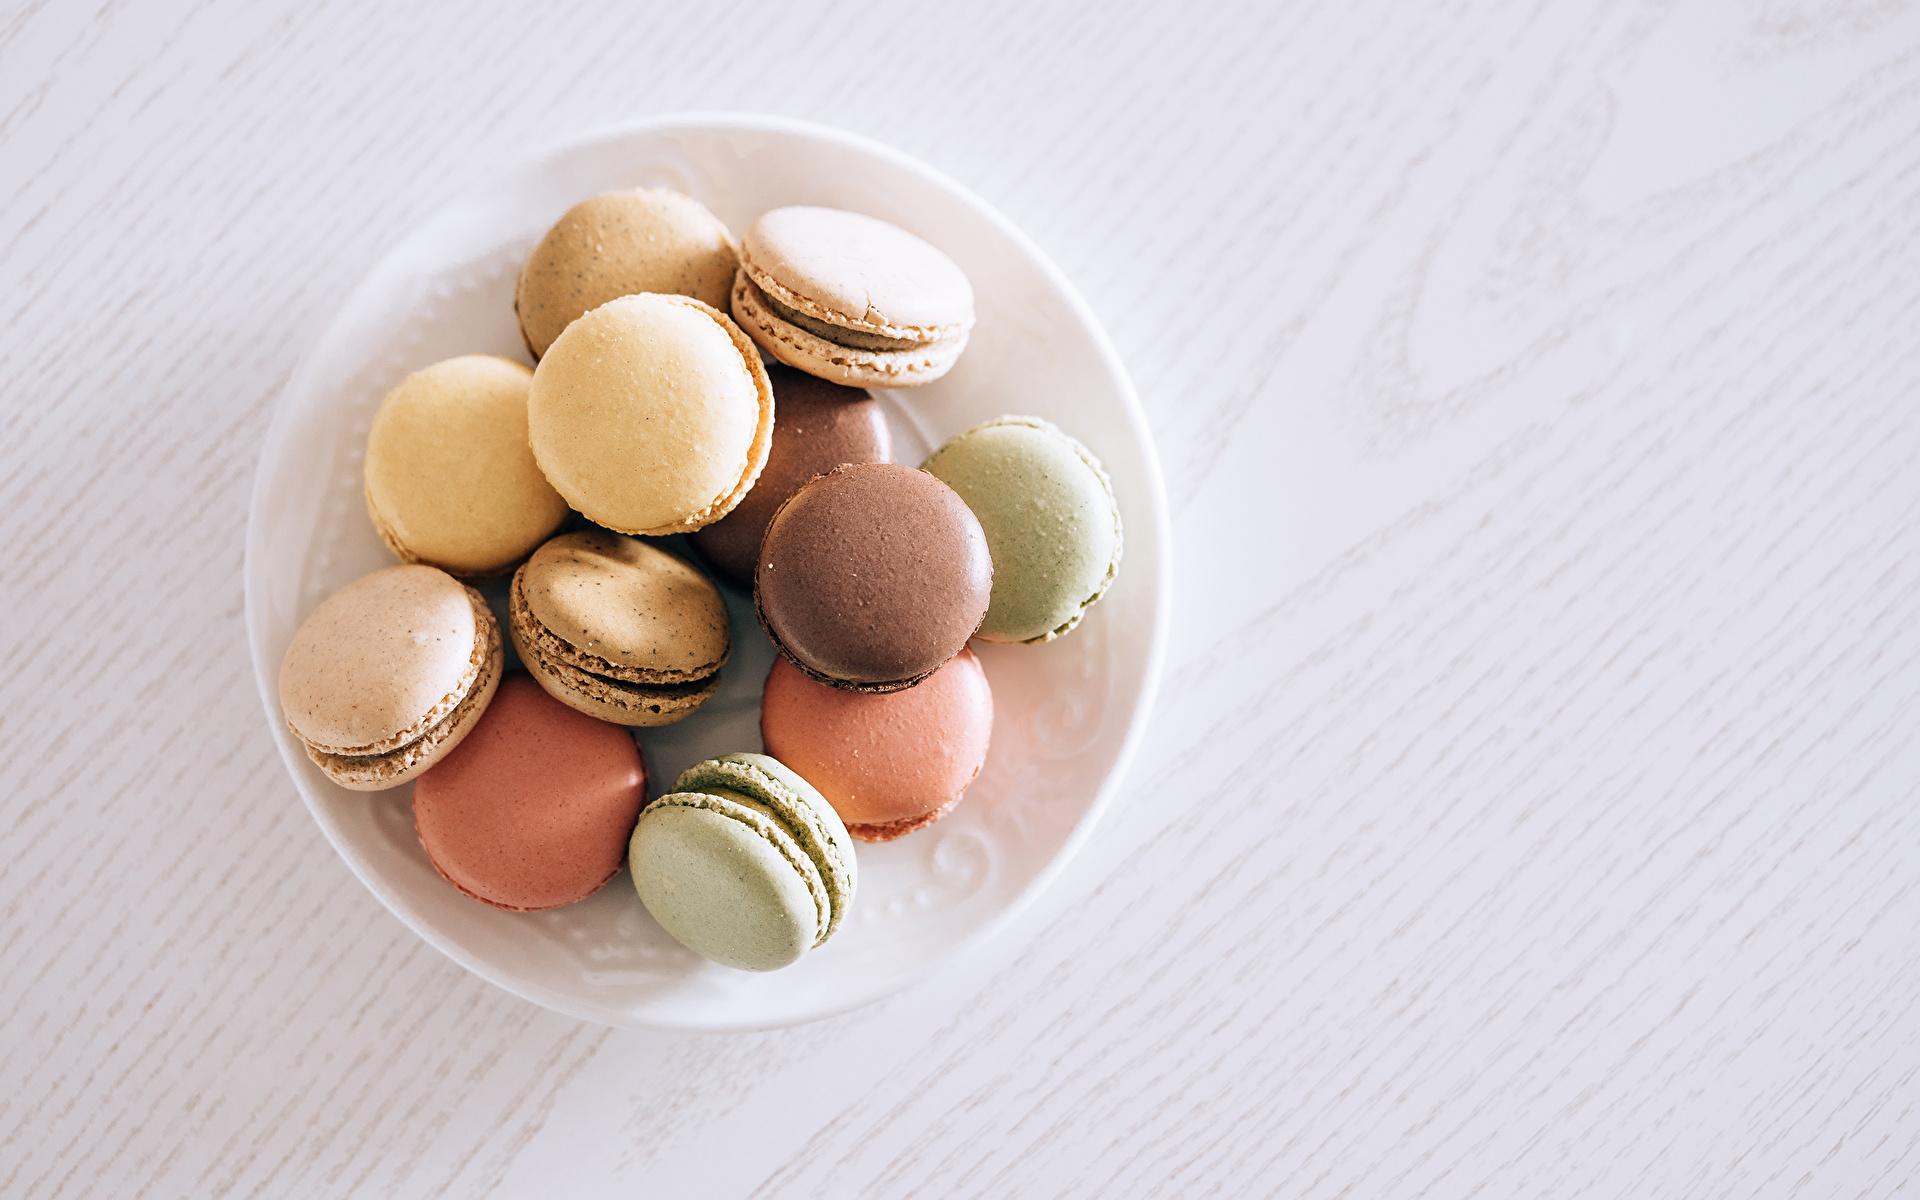 Bilder von Macaron Teller Lebensmittel 1920x1200 macarons das Essen